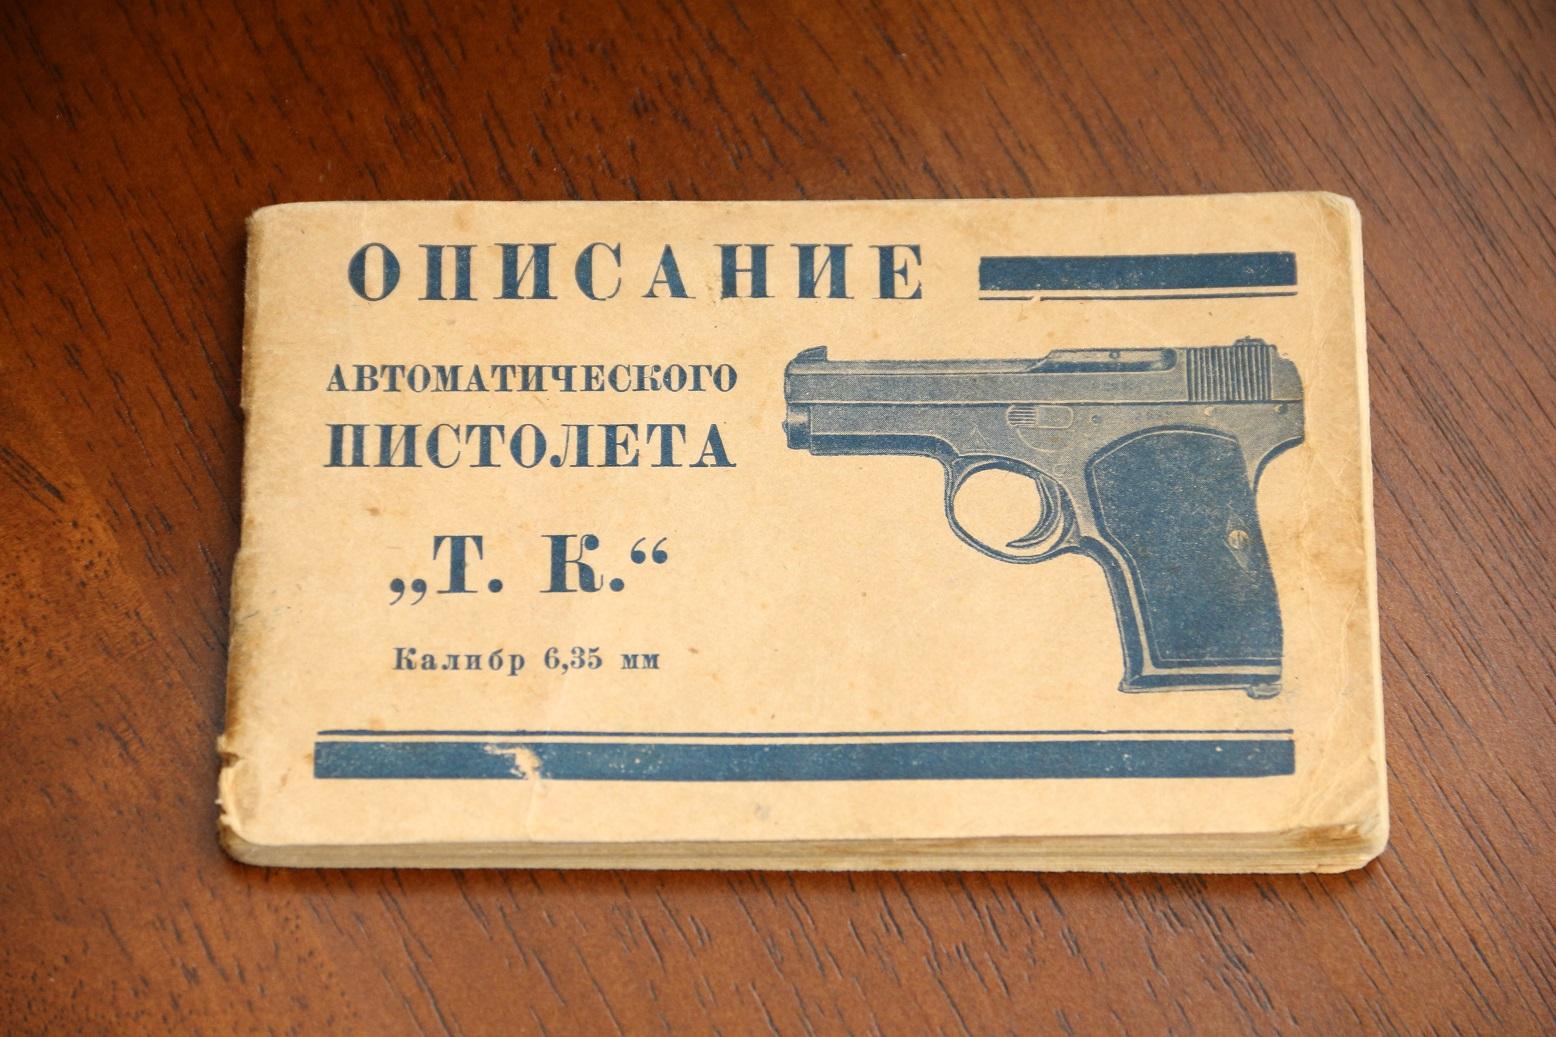 Описание автоматического пистолета «Т. К.» калибр 6,35 мм, СССР 1920-1930 годы №2